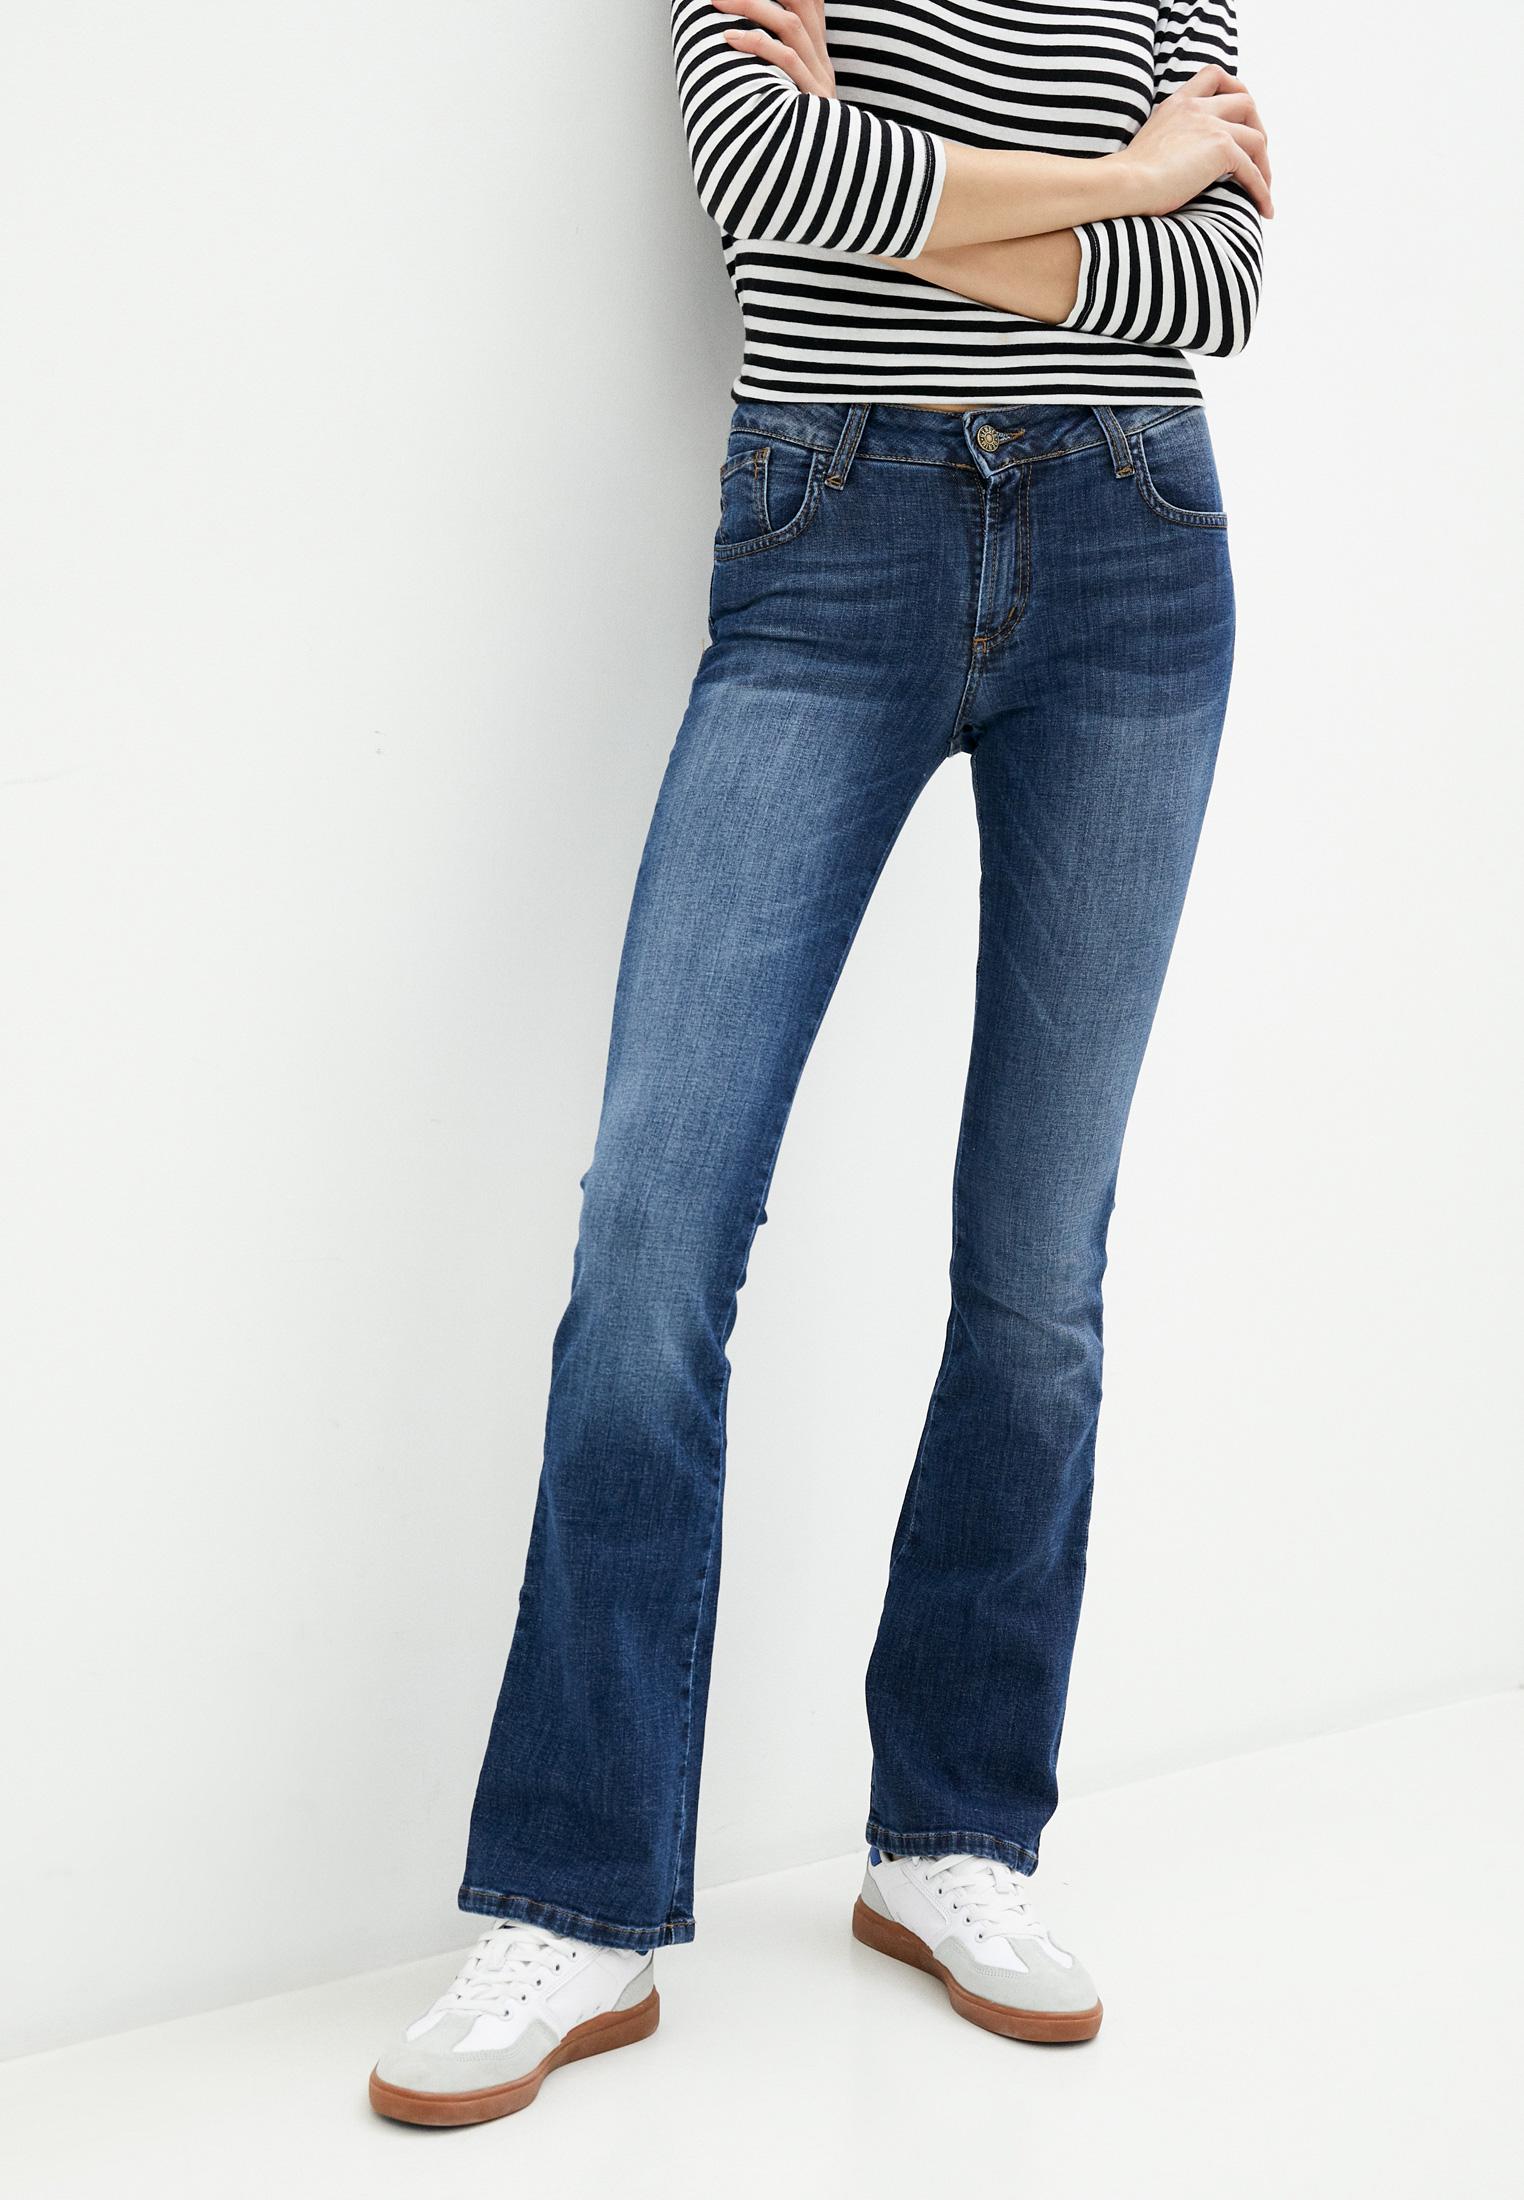 Широкие и расклешенные джинсы Pinkkarrot Джинсы Pinkkarrot